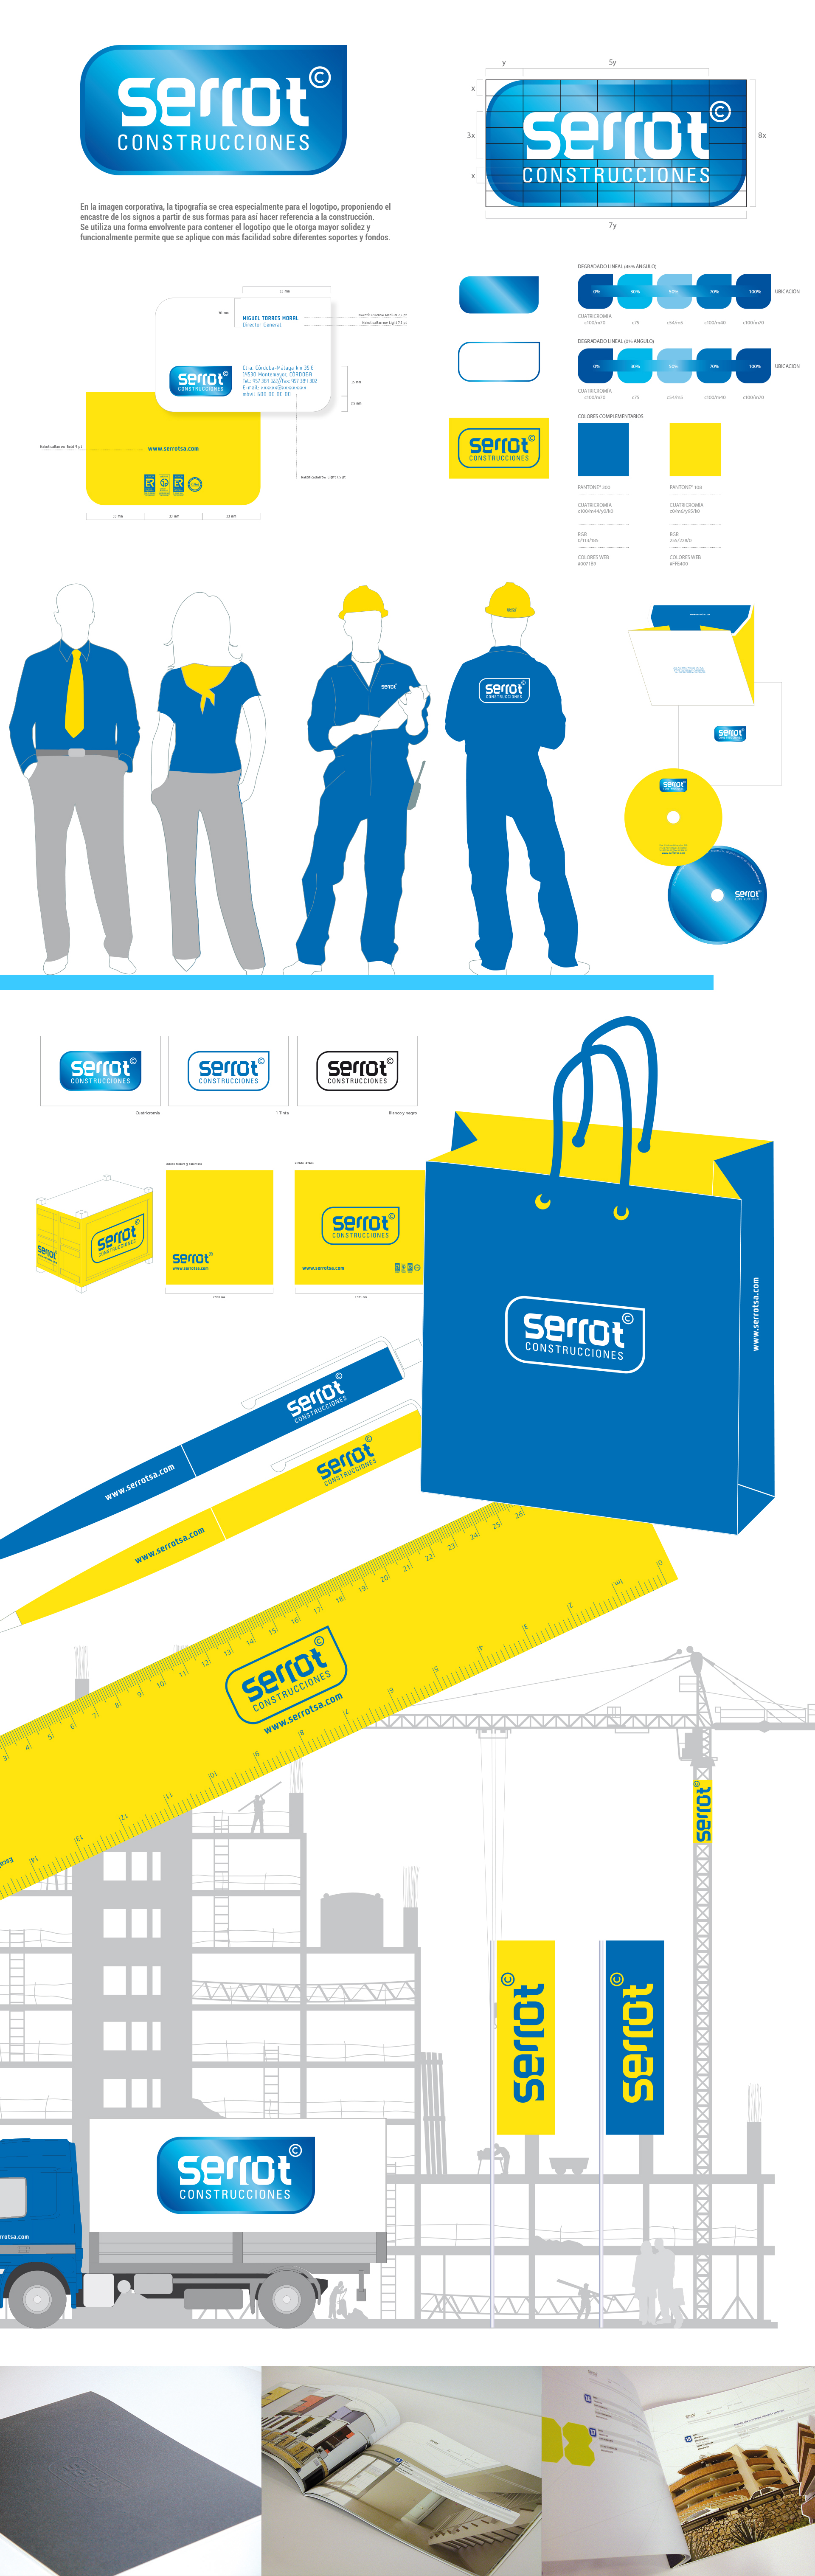 Serrot Branding